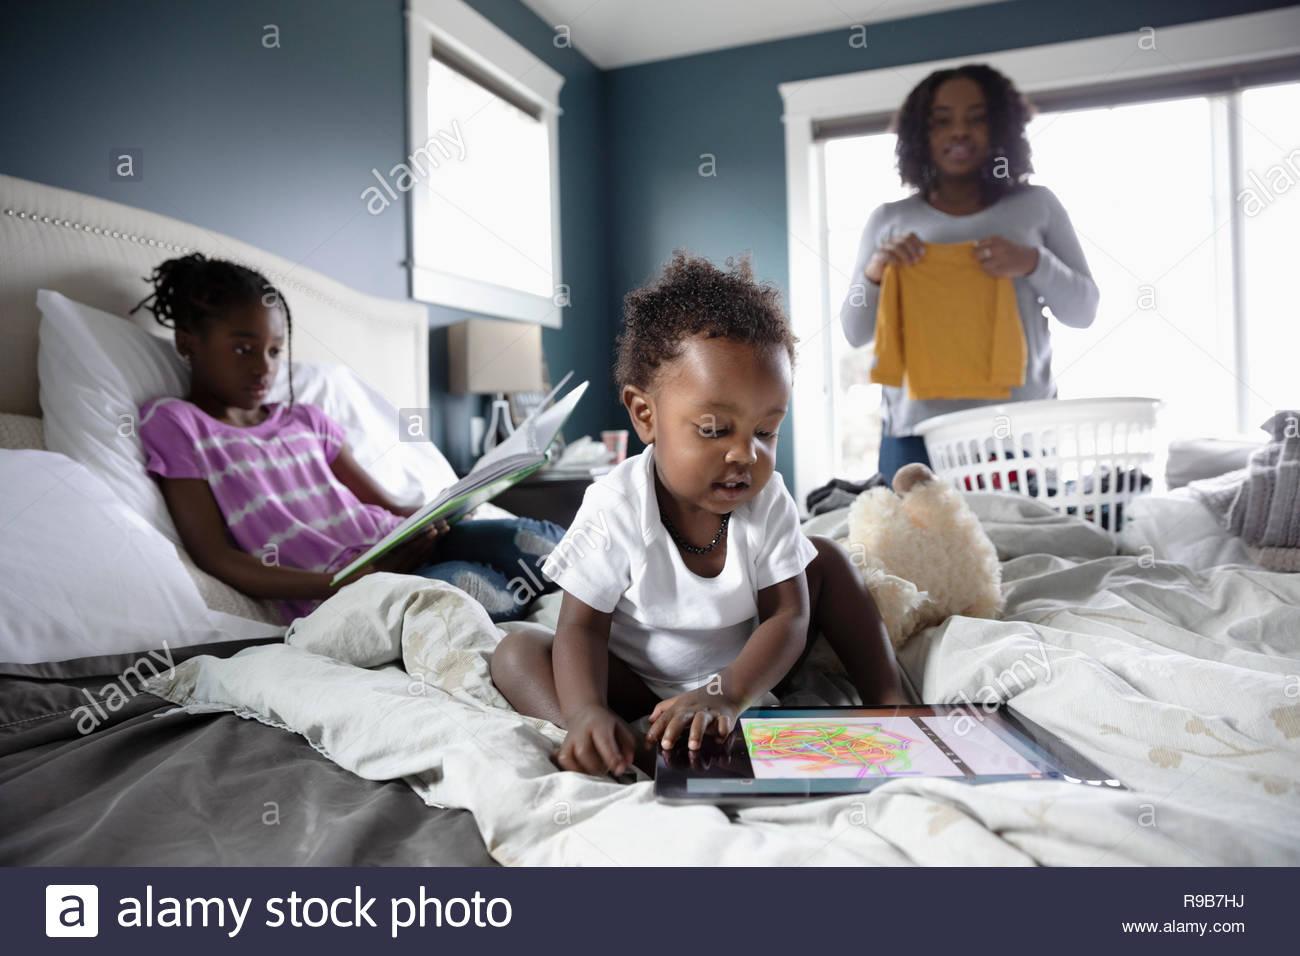 Mutter falten Wäsche während die Kinder Lesen und Spielen auf dem Bett Stockbild